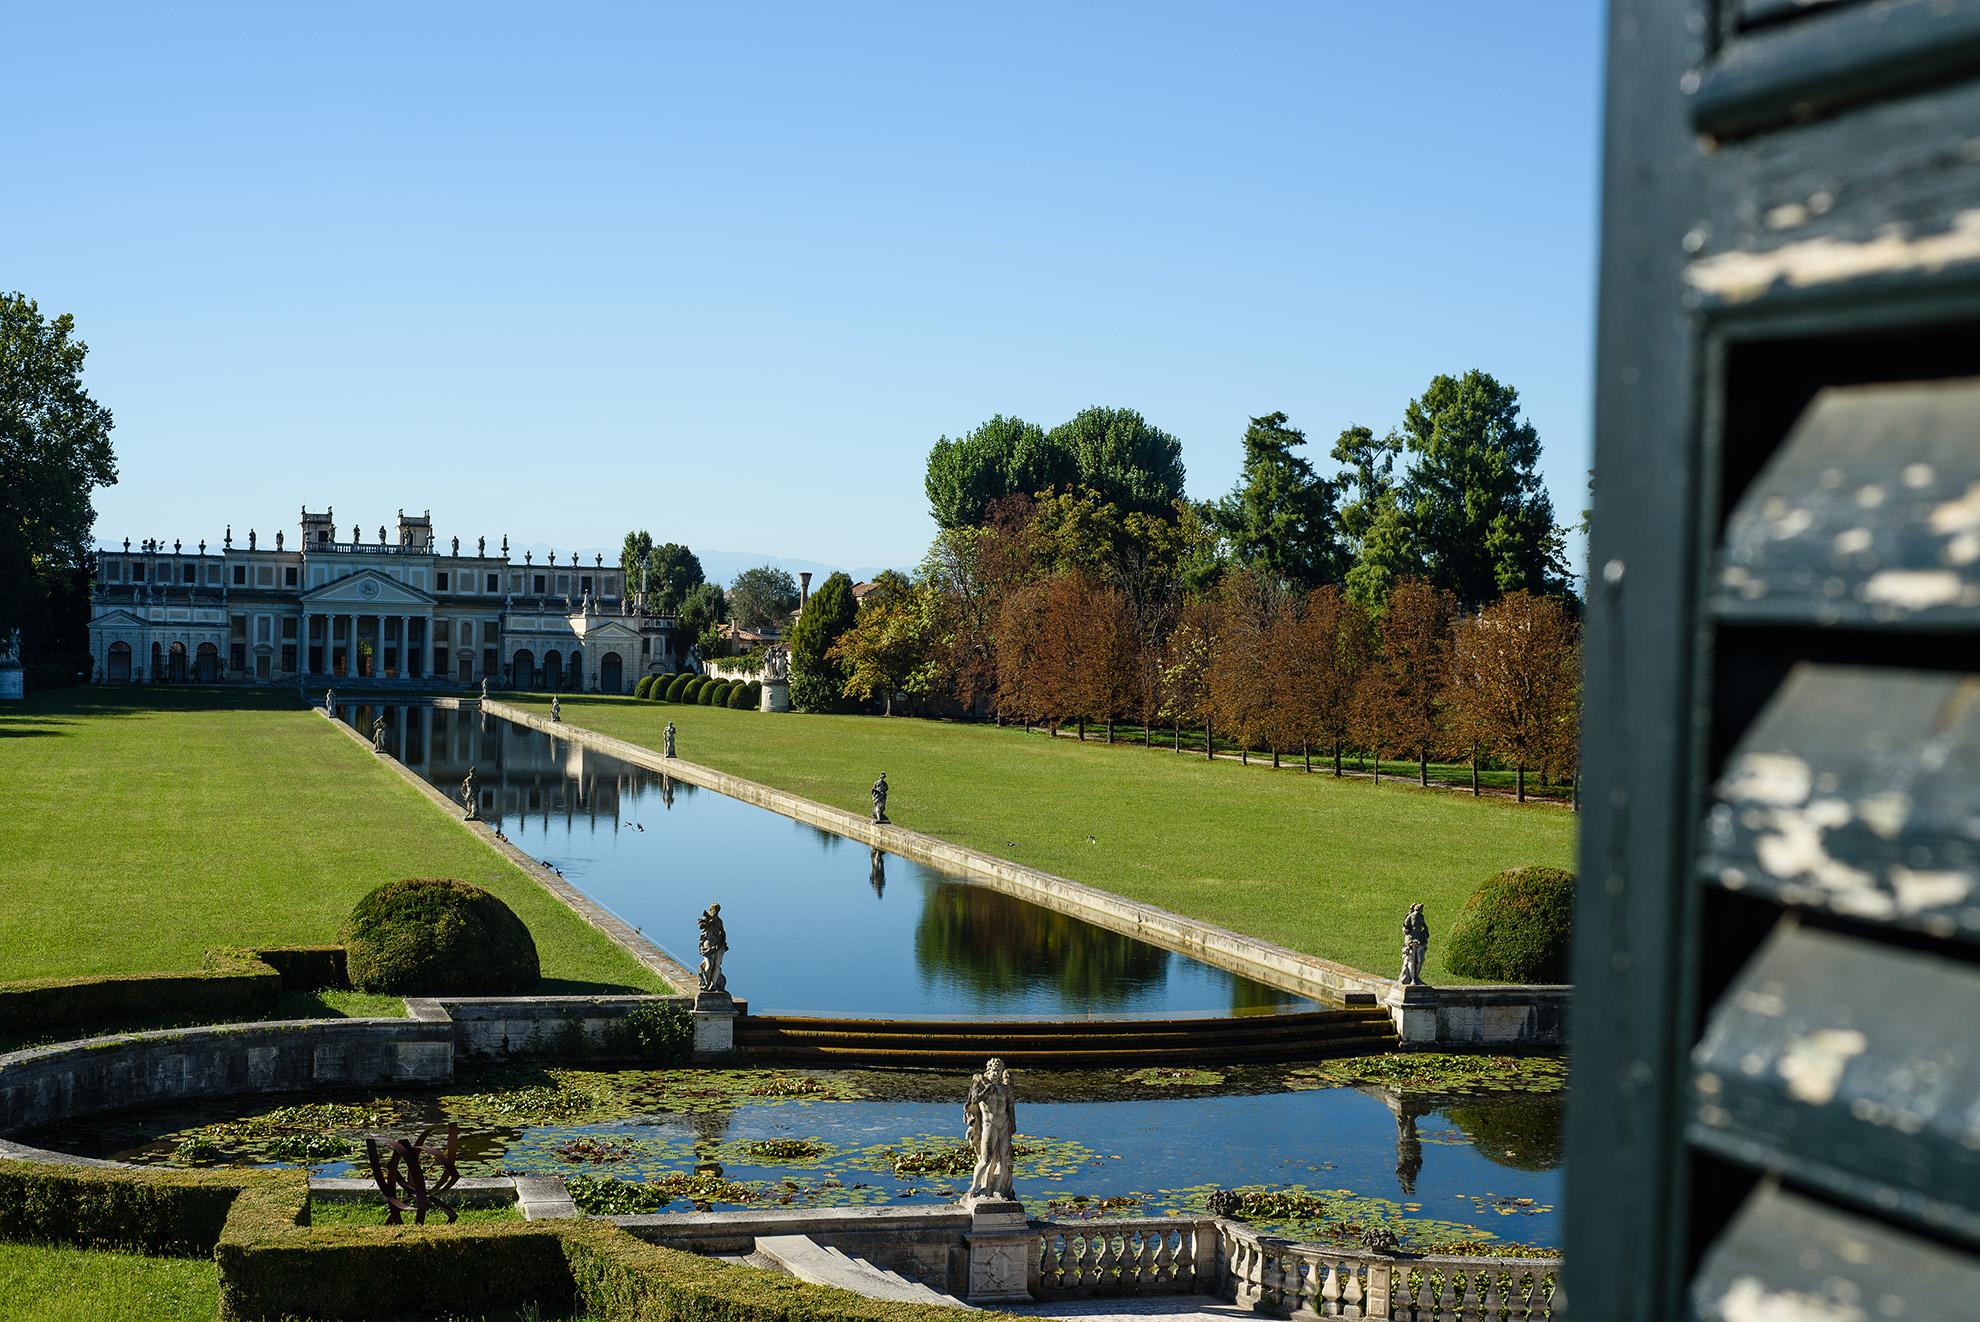 Villa Pisani - widok na pałac letni